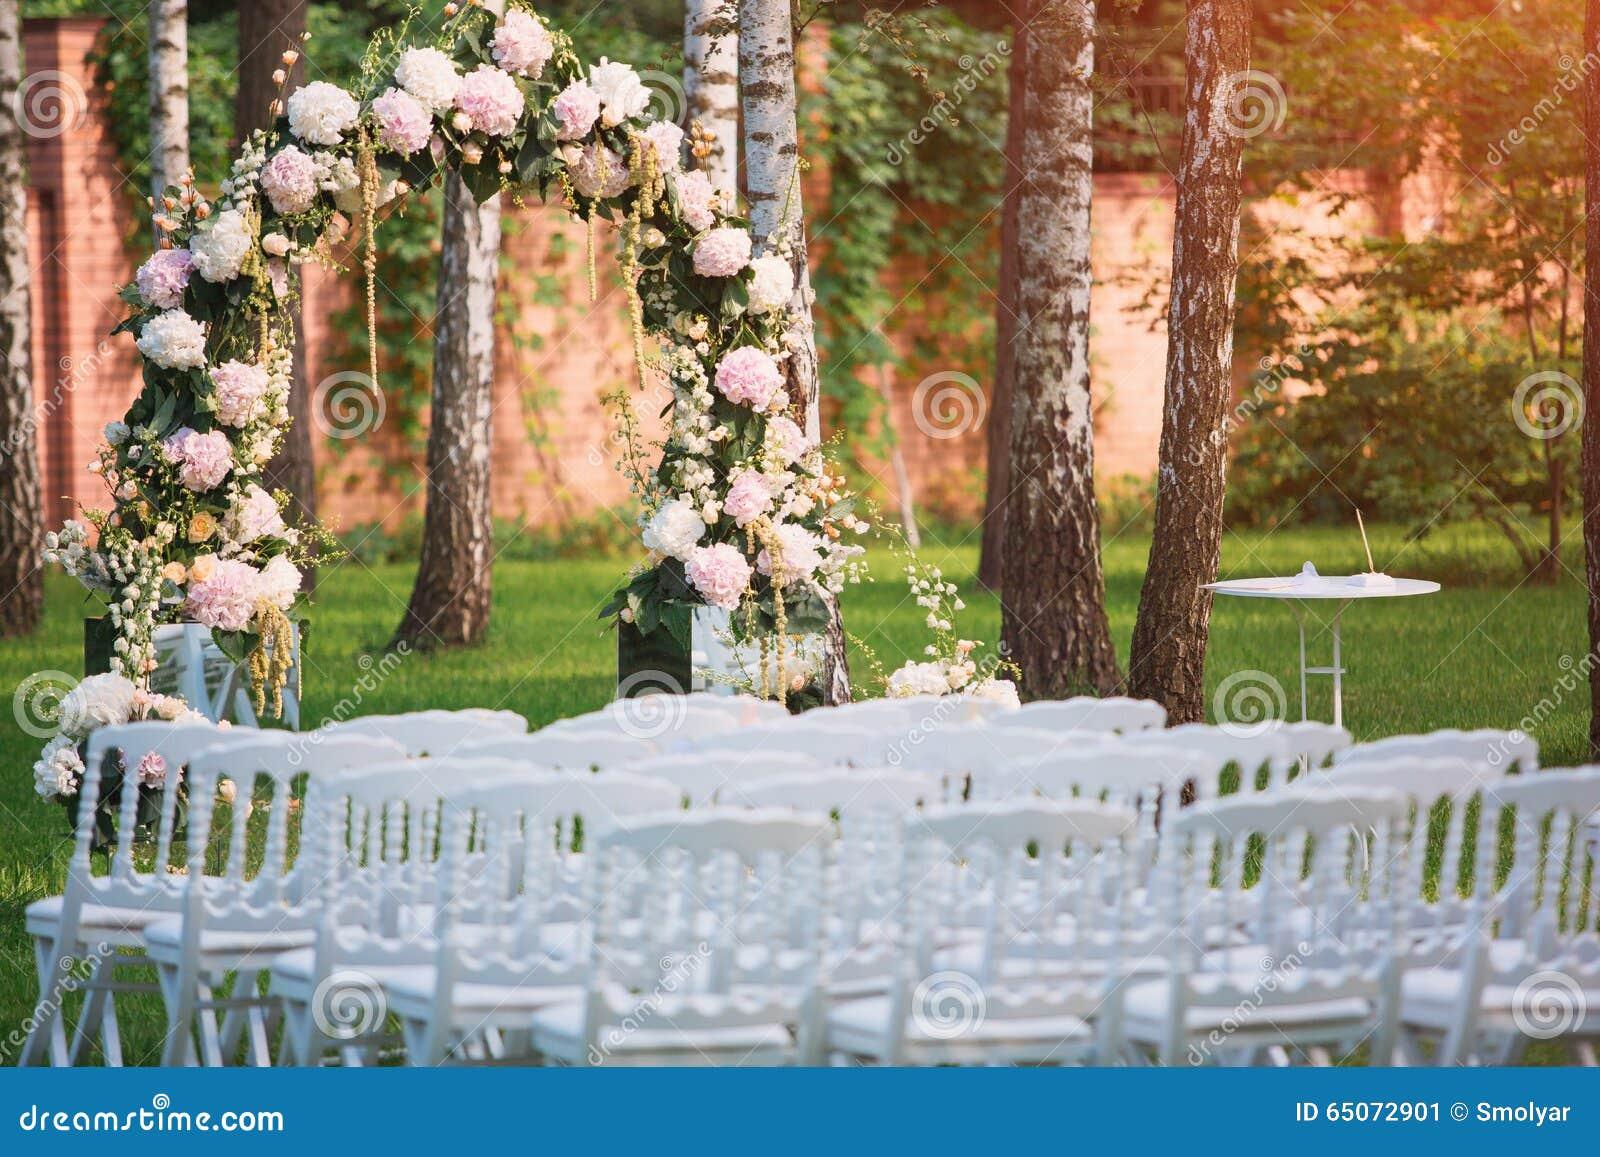 Hochzeitsbogen An Der Hochzeitszeremonie Im Freien Stockbild Bild